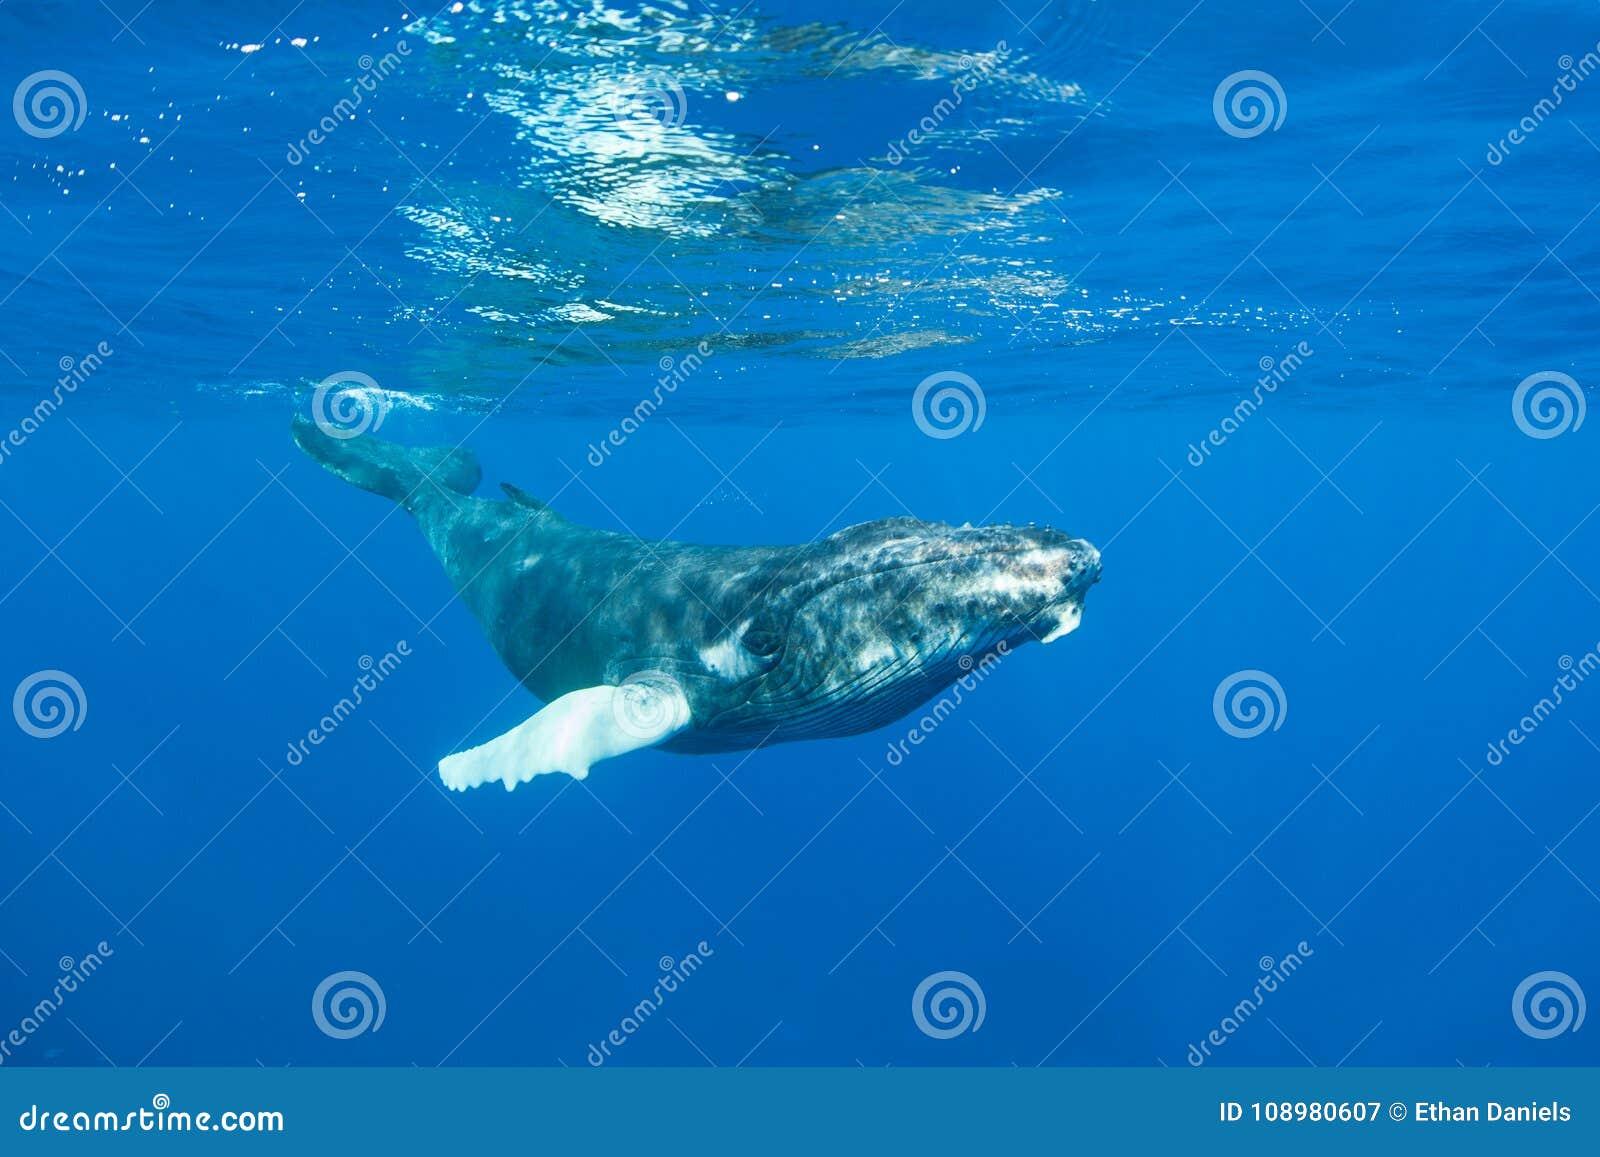 Ballena jorobada en agua azul